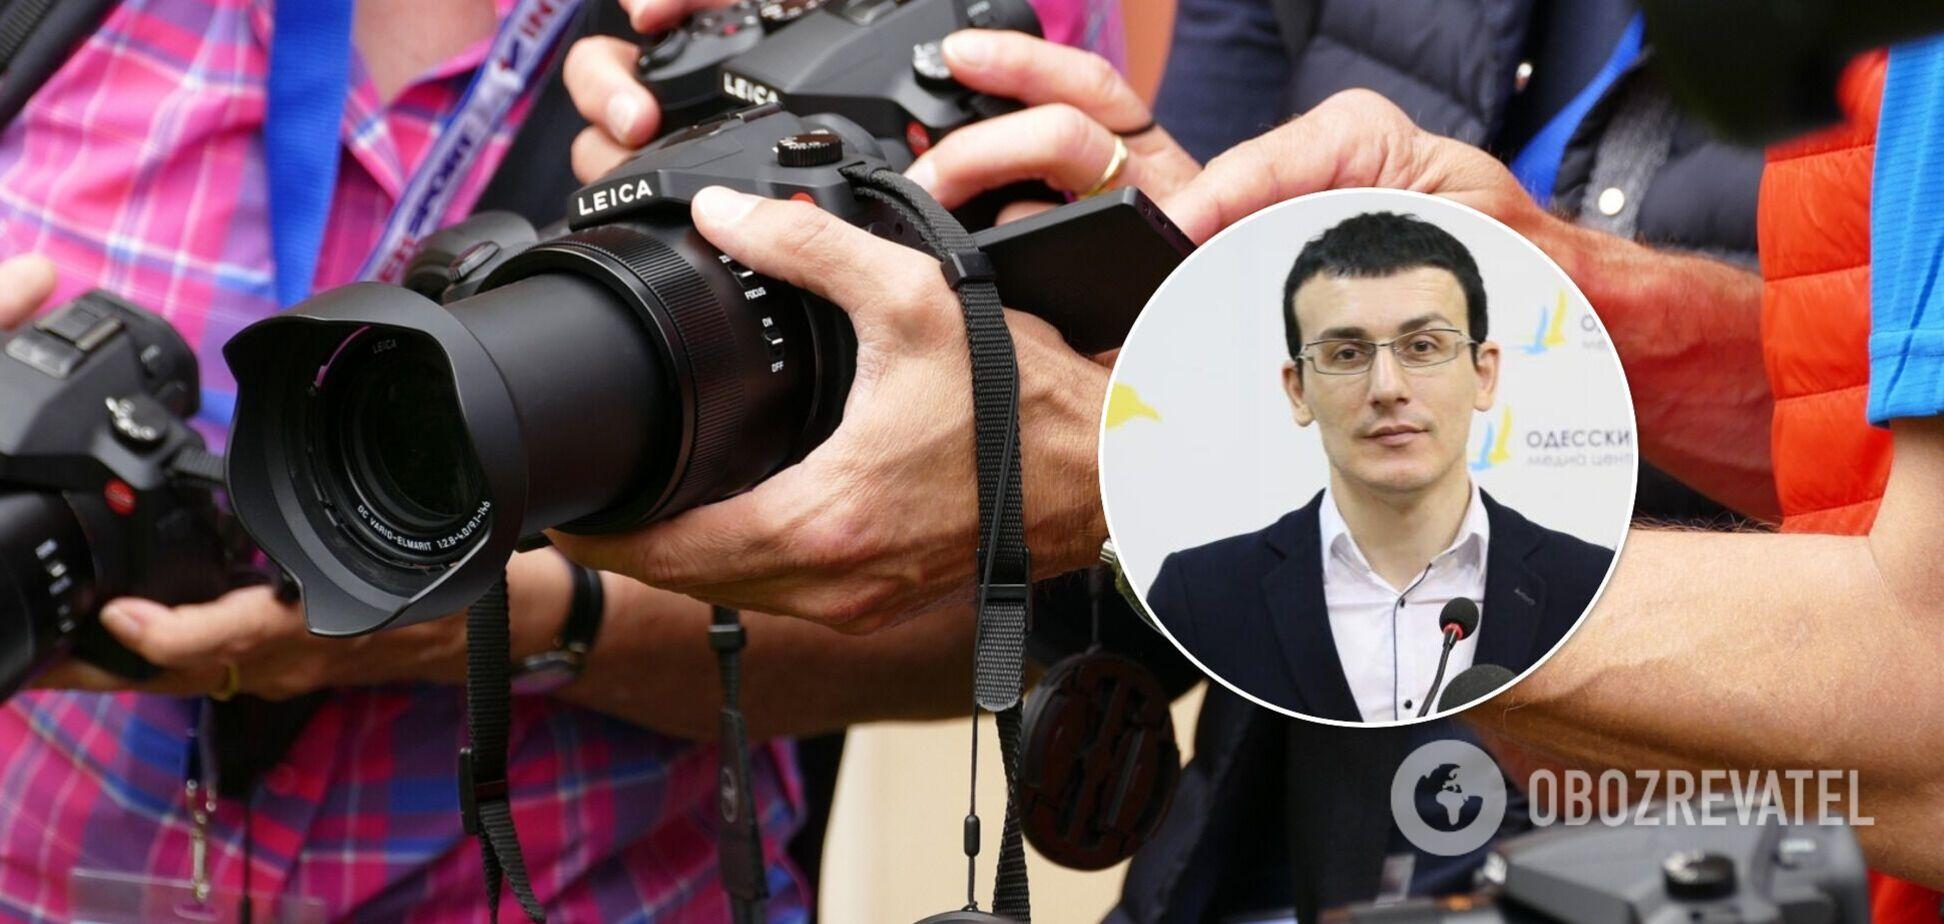 Фукс та інші: у НСЖУ розповіли, хто очолив антирейтинг 'Ворогів преси' в Україні